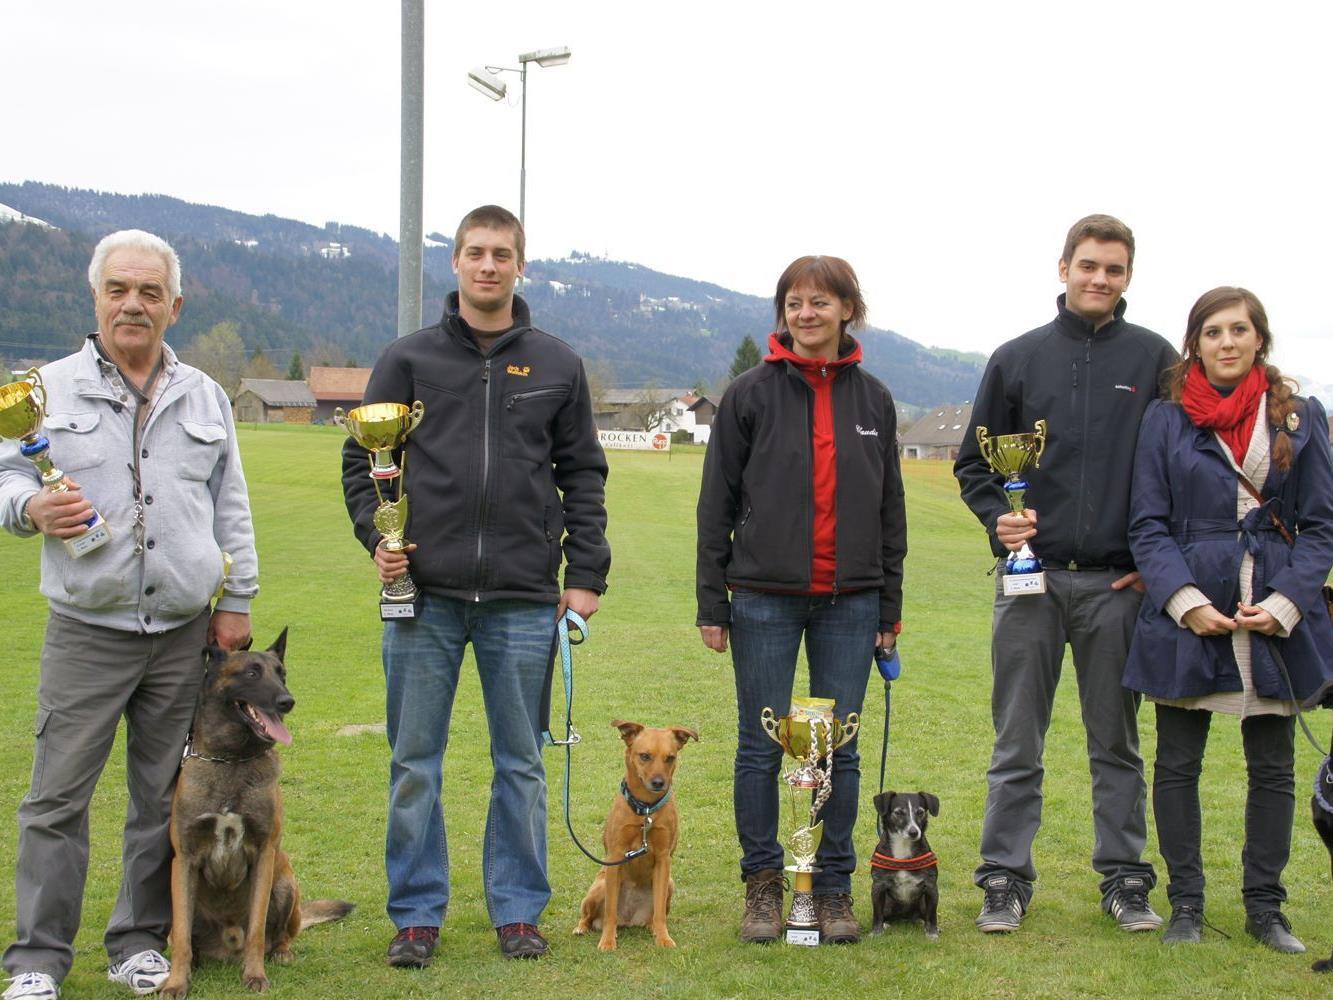 Die strahlenden Gewinner mit ihren siegreichen Hunden